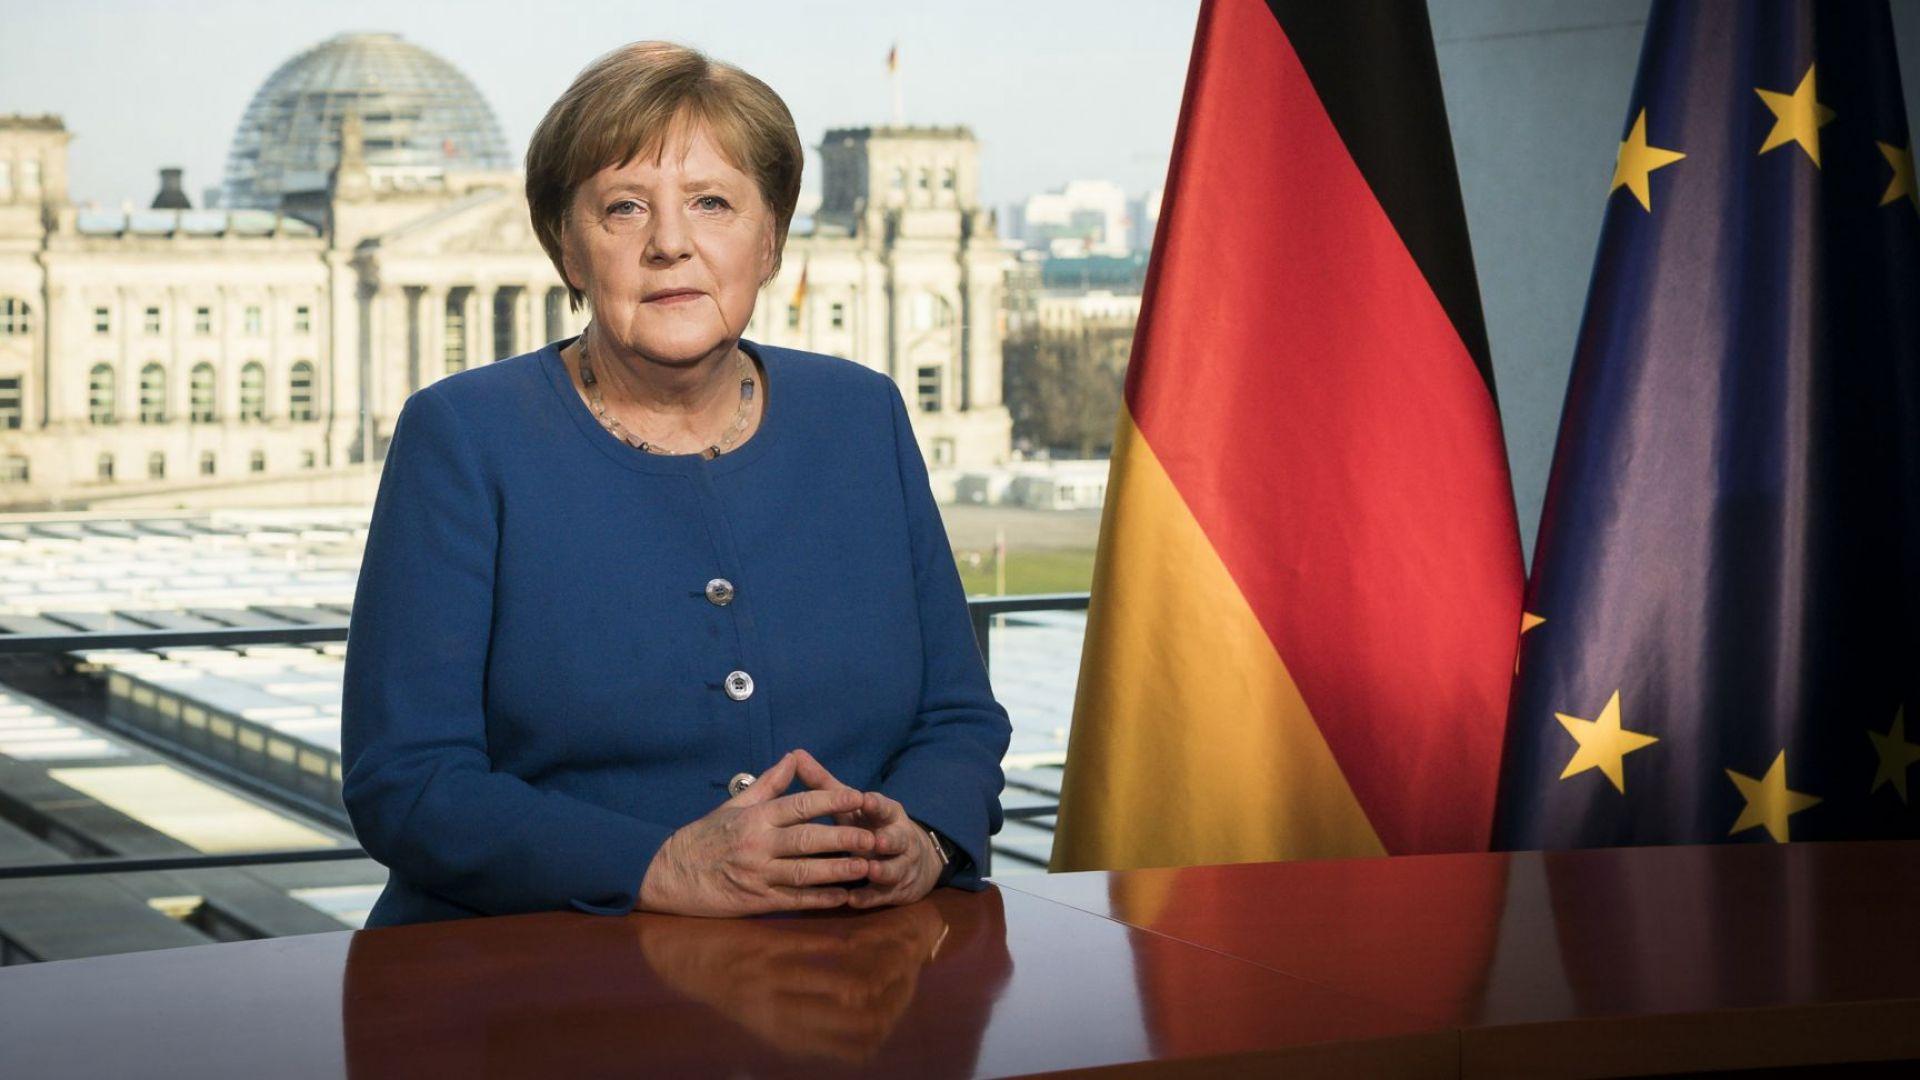 Меркел: Covid-19 е най-голямото предизвикателство от Втората световна война